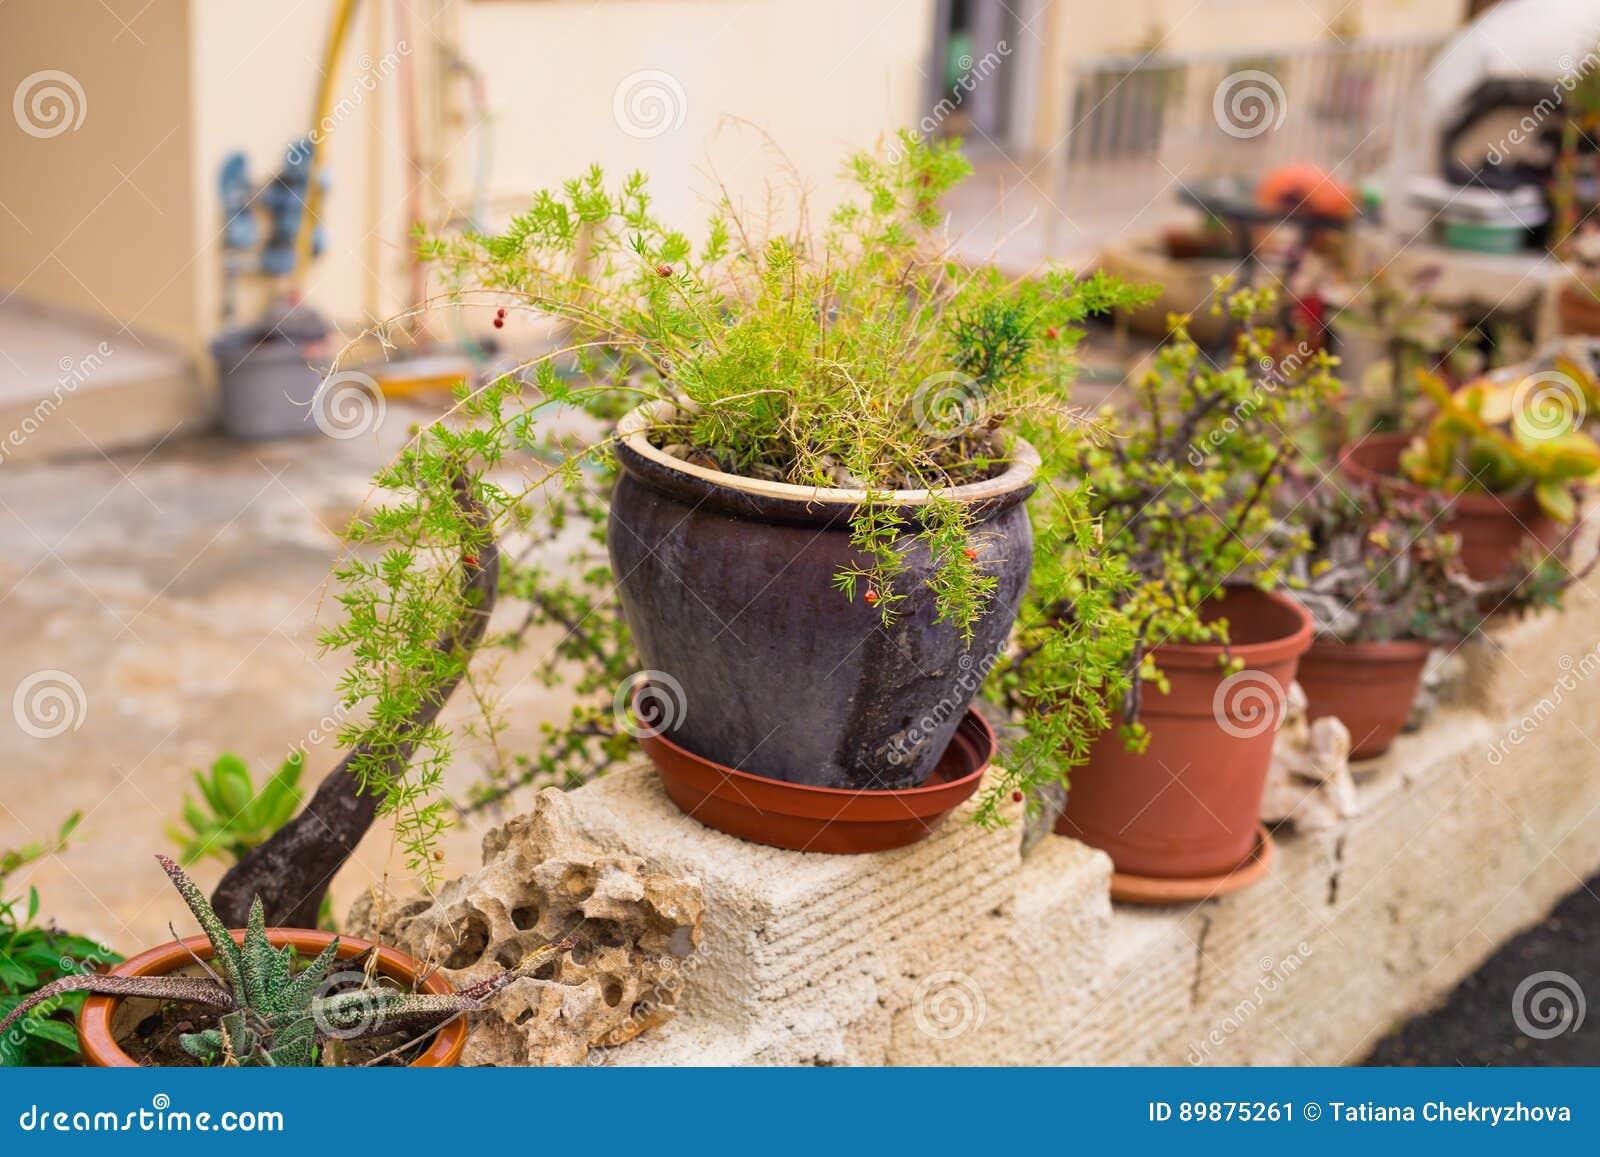 Vasi Da Fiori All\'aperto Per Il Piccolo Giardino, Patio O Terrazzo ...